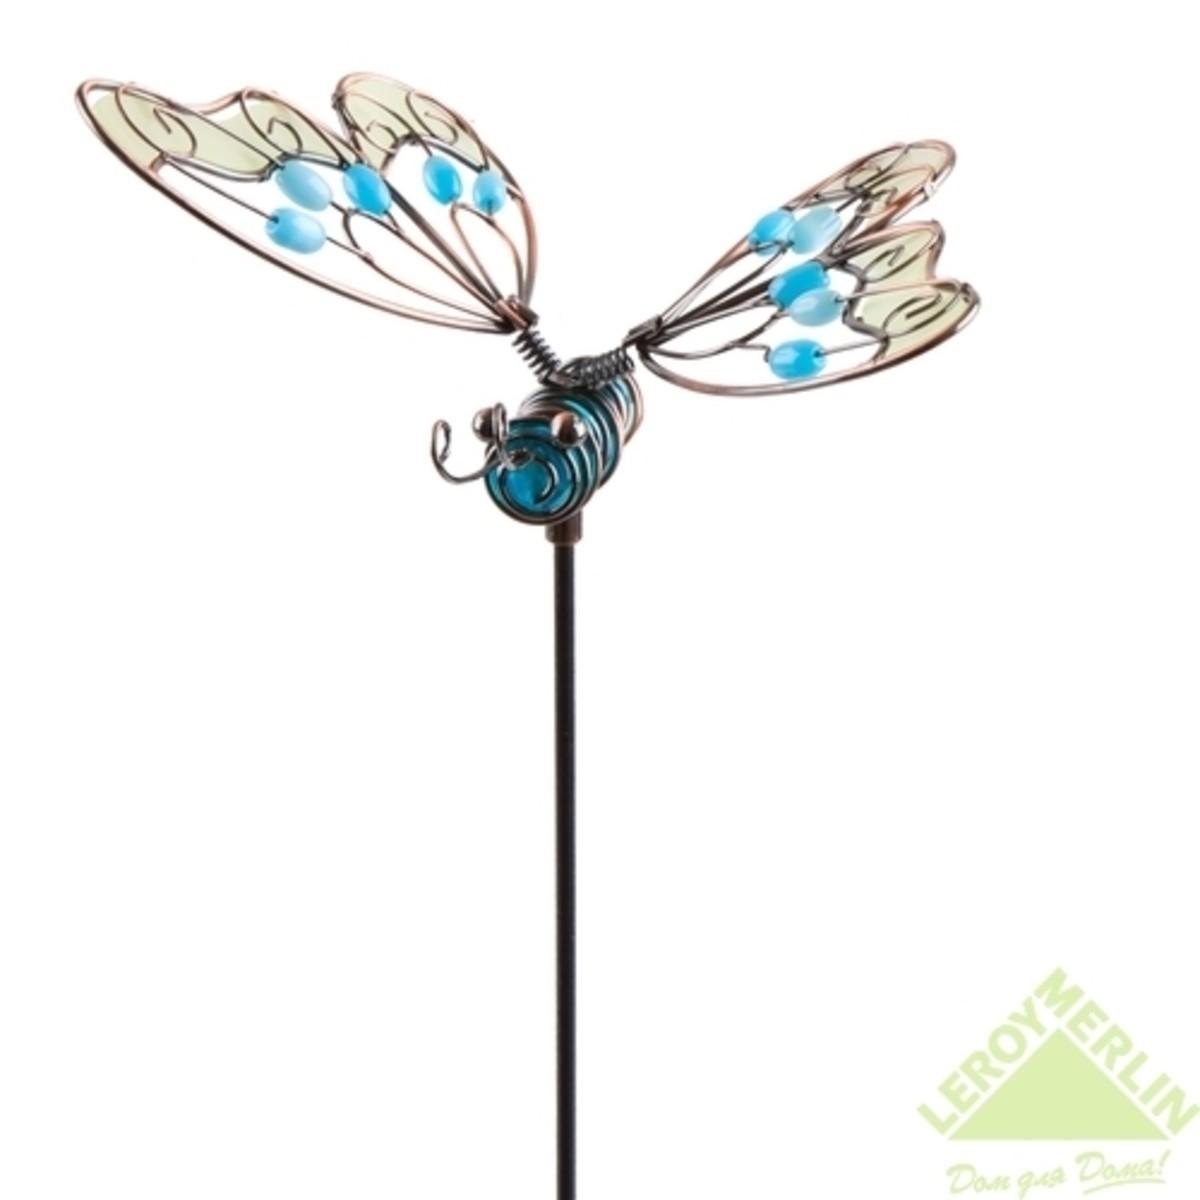 Декор садовый на металическом стержне Бабочка светится в темноте